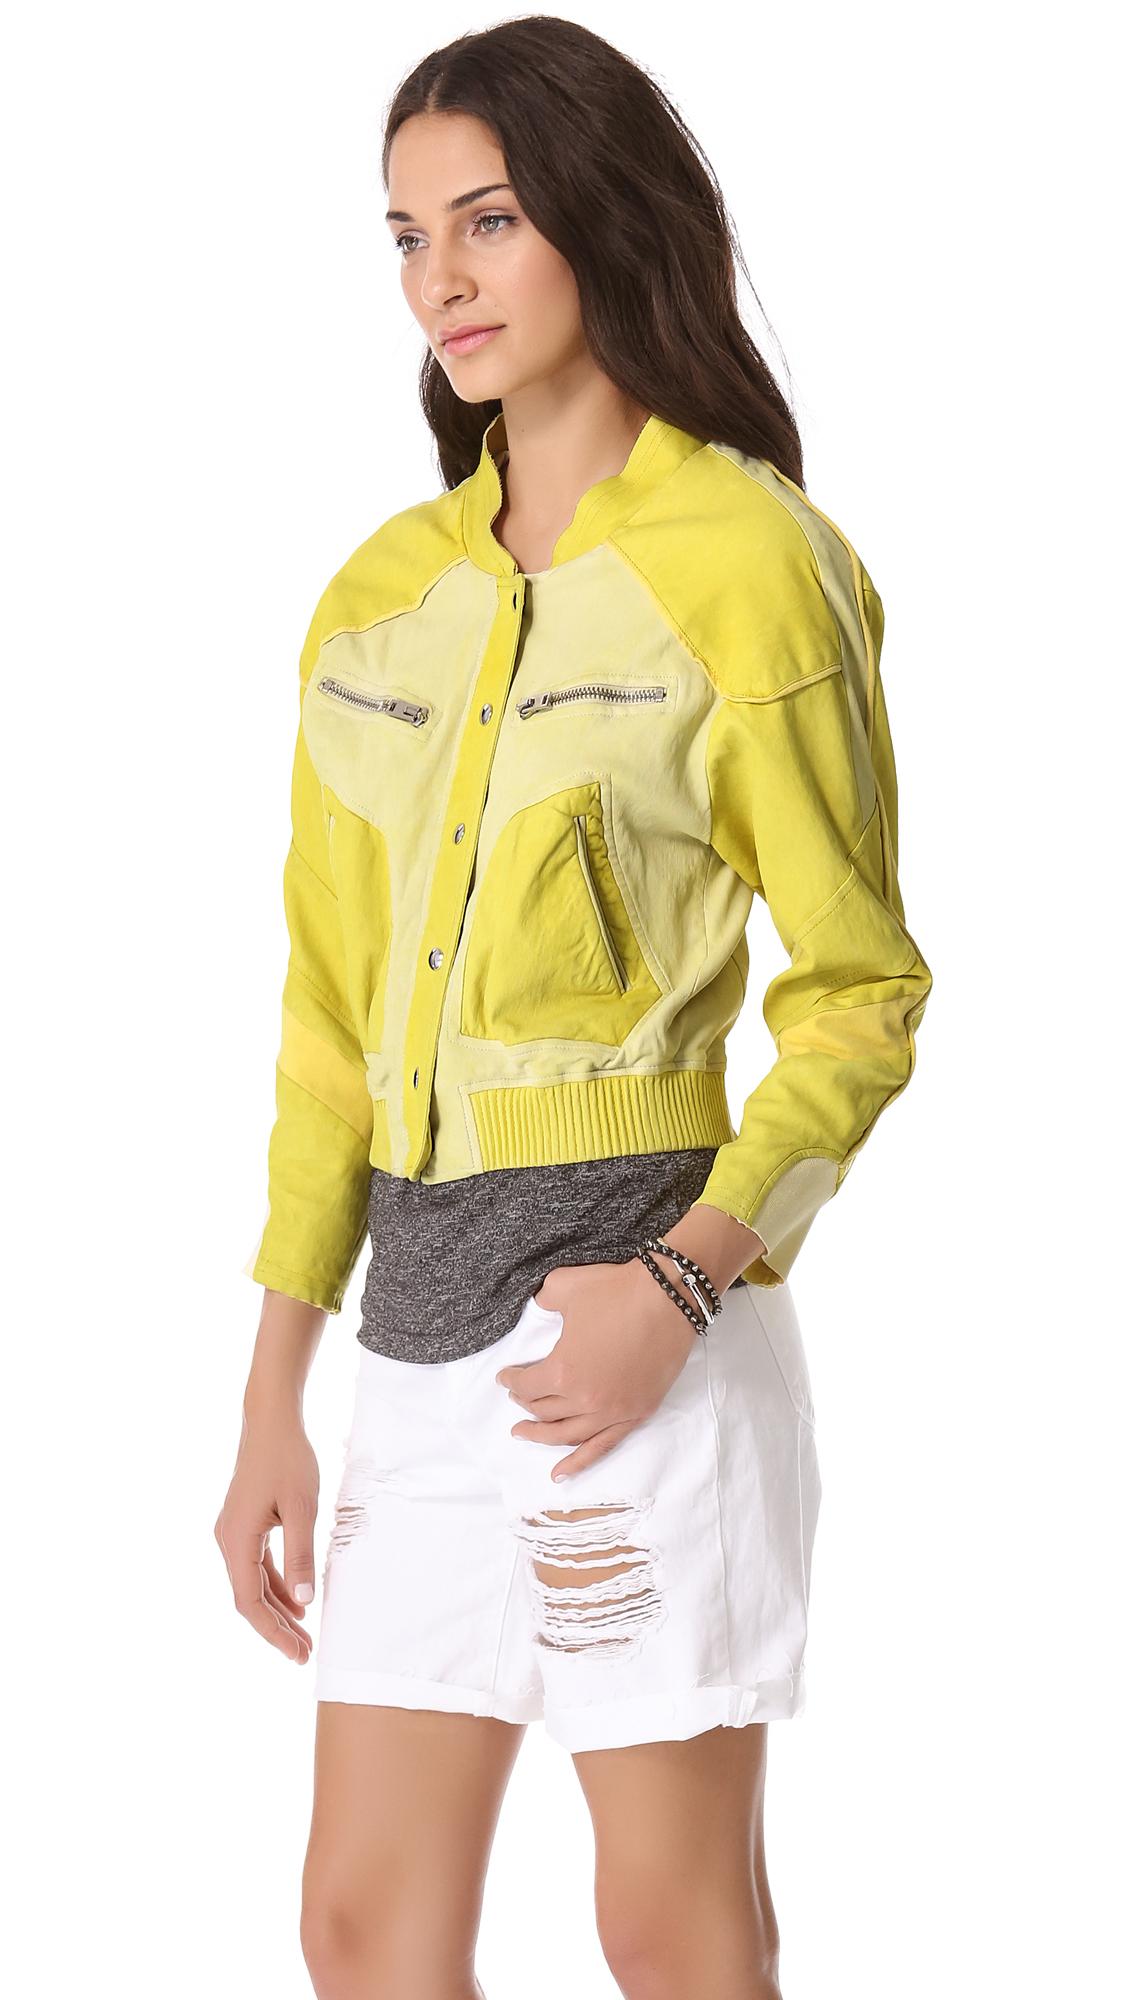 Kendall Jenner: Black Bodysuit, Leather Jacket | Steal Her ...